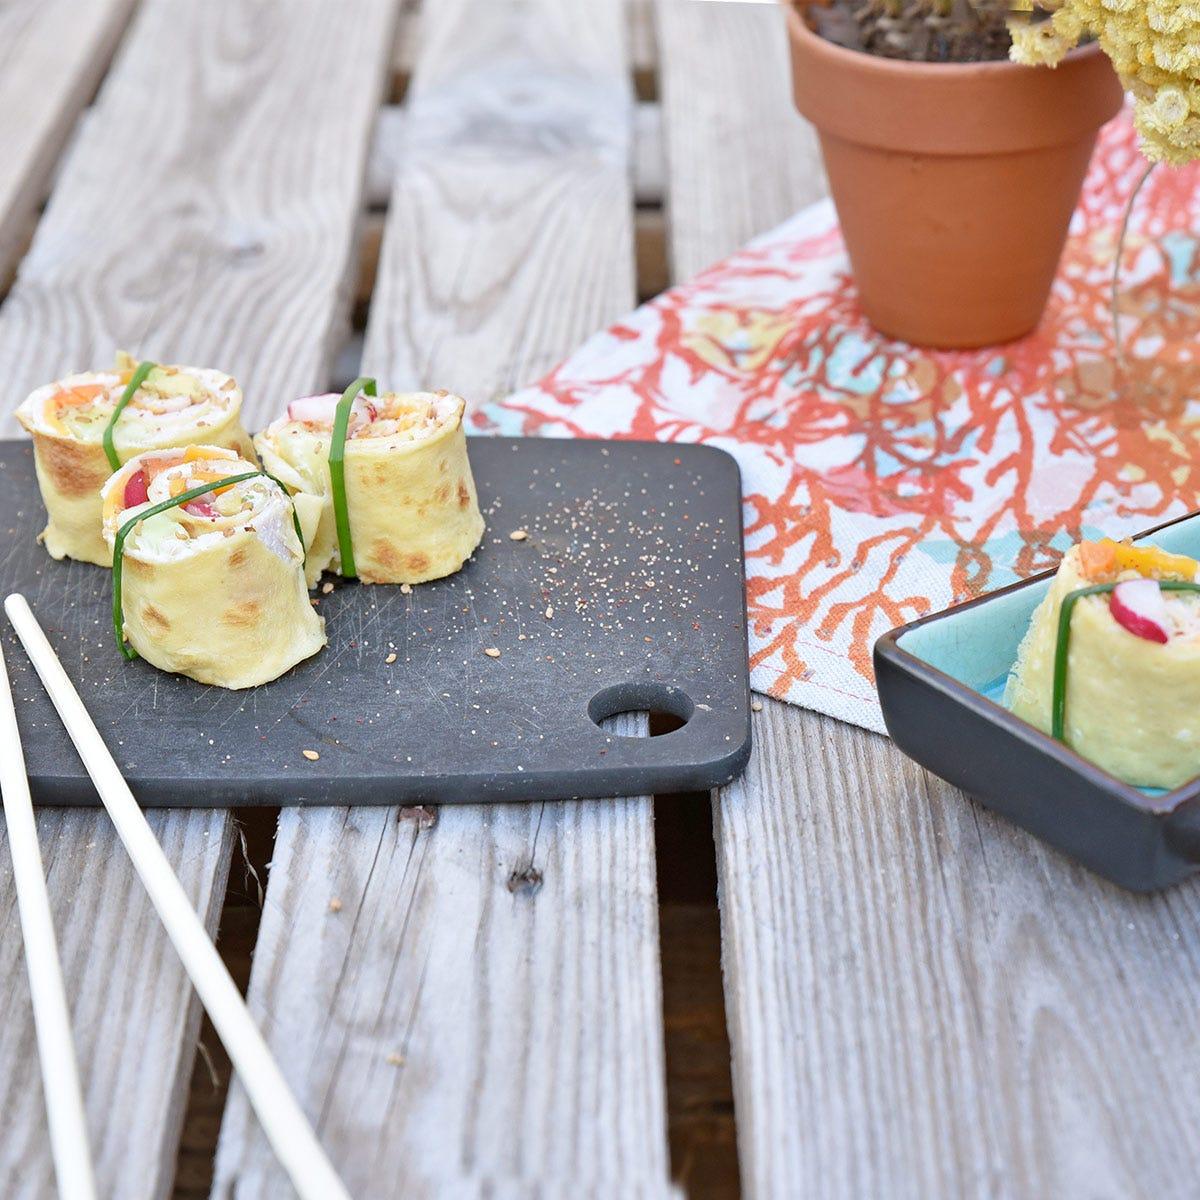 Une façon originale de manger des crêpes : découvrez notre recette de crêpes salées en Maki !